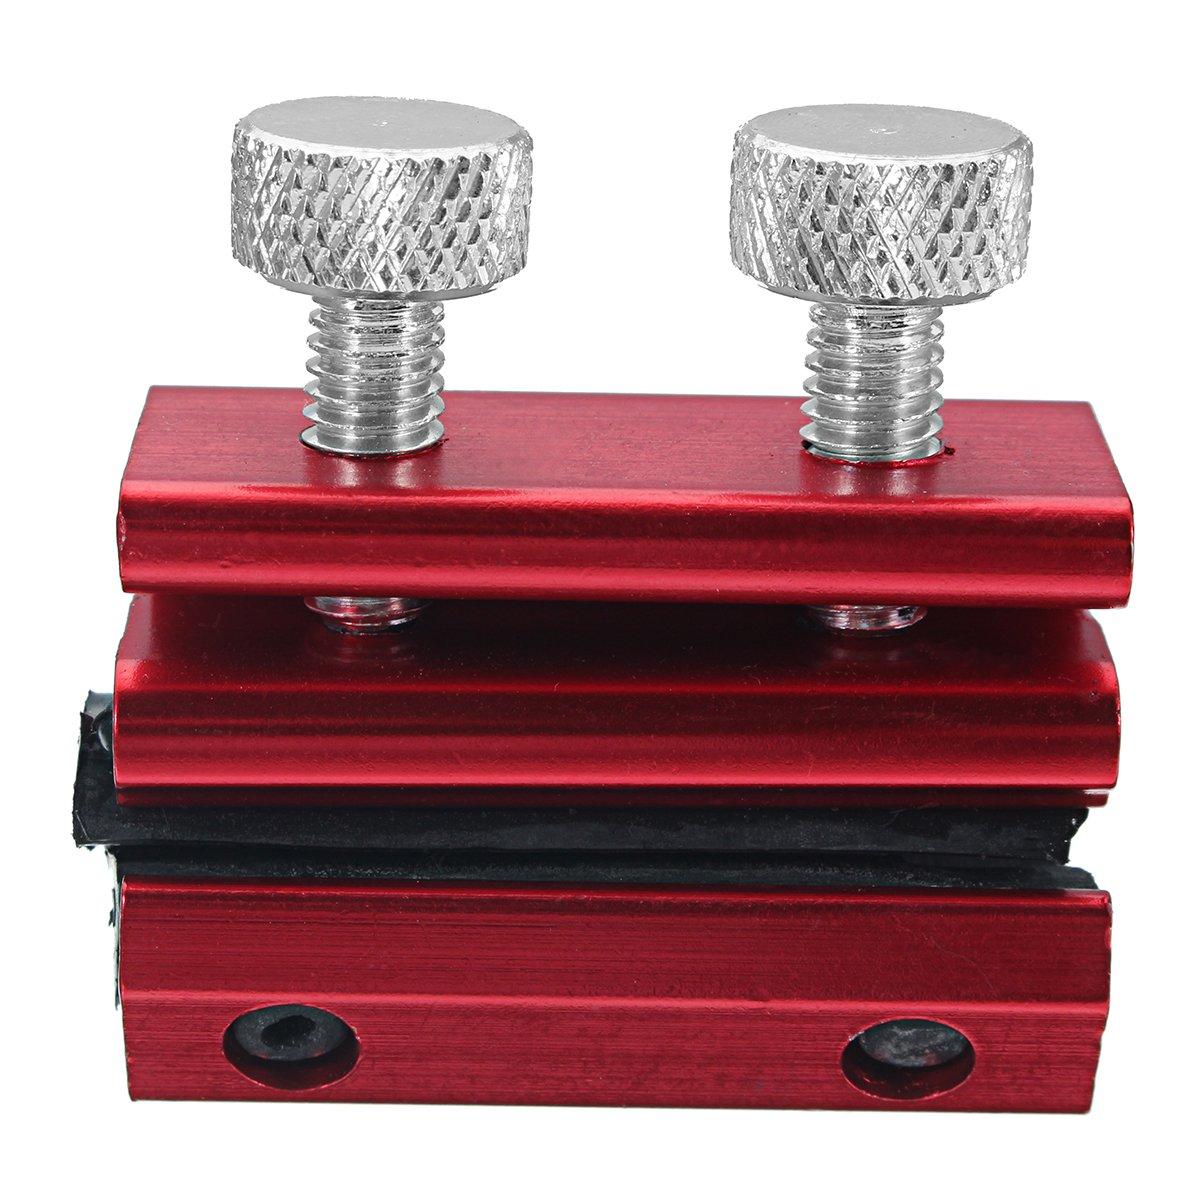 Alamor Universal moto lubrification fil graisseur injecteur c/âble Lube Tool w//2 boulons